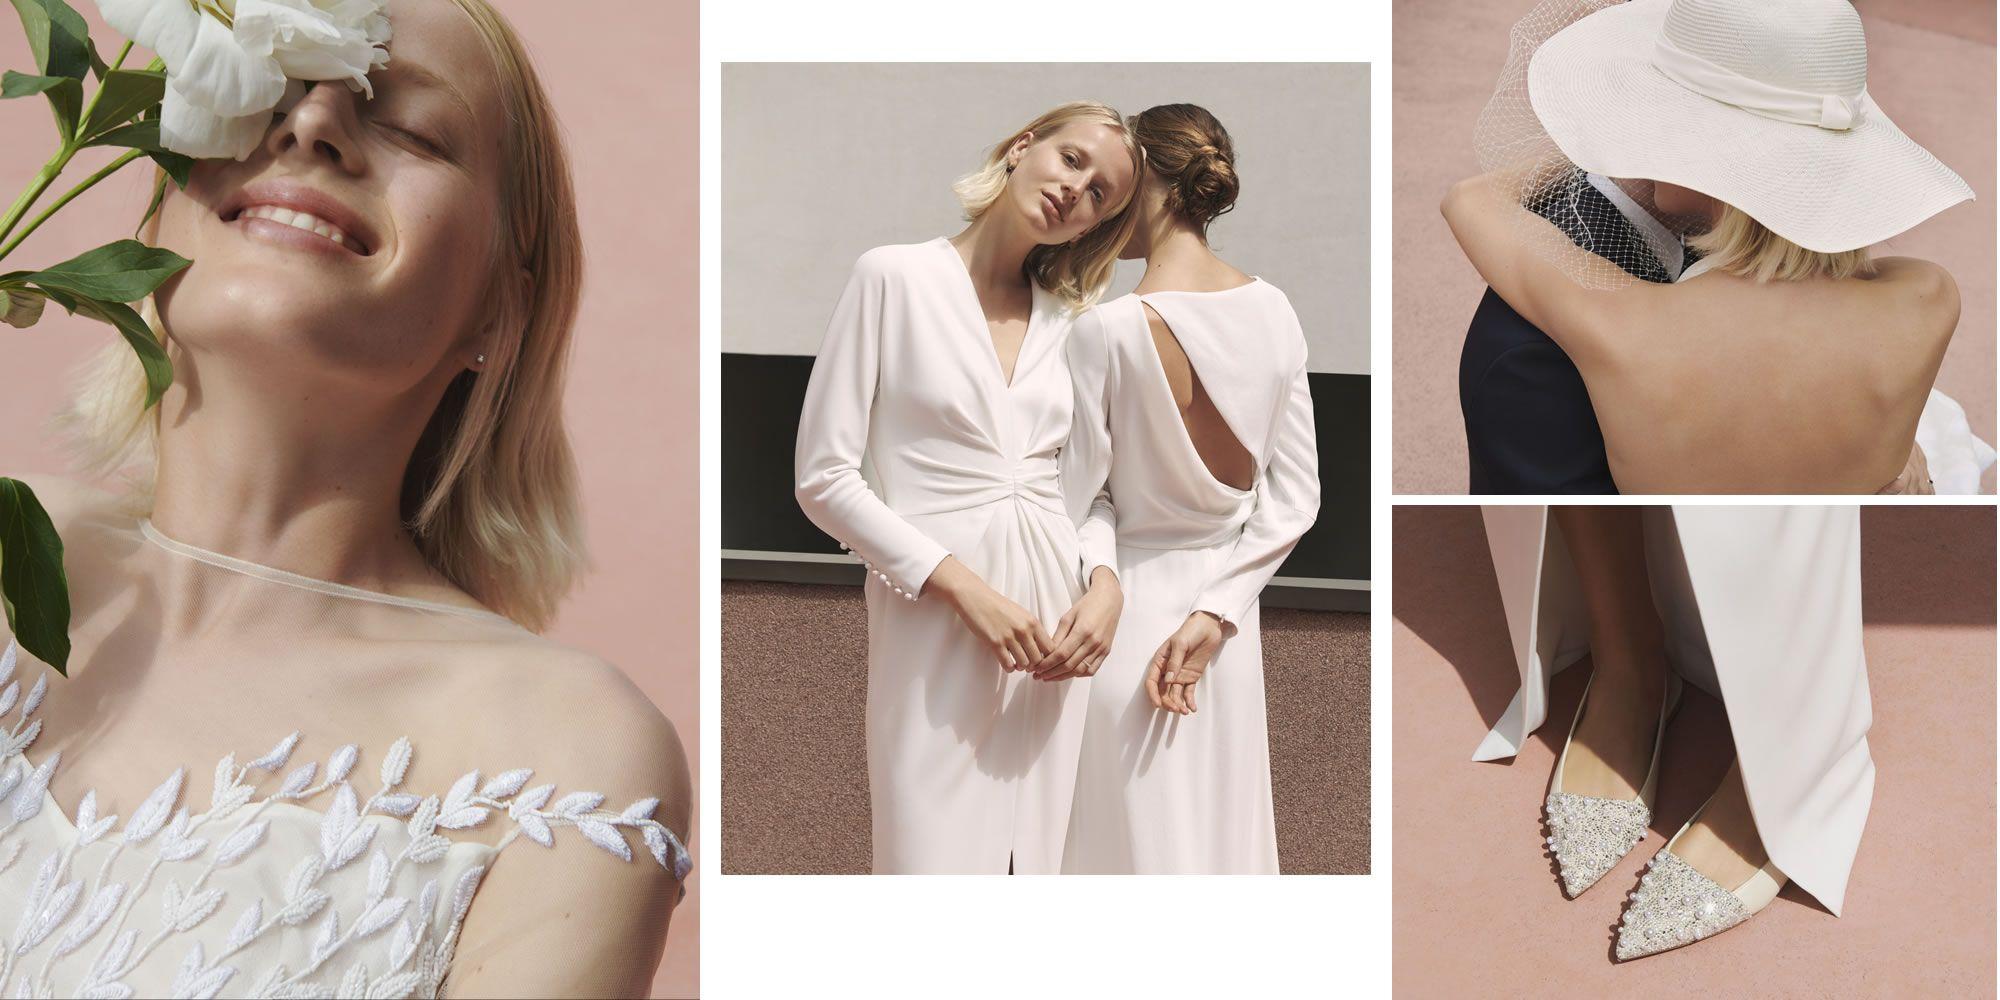 Abito da sposa  le 7 tendenze moda dalla collezione Max Mara Bridal pensata  per le spose di oggi ea3cdc123d9